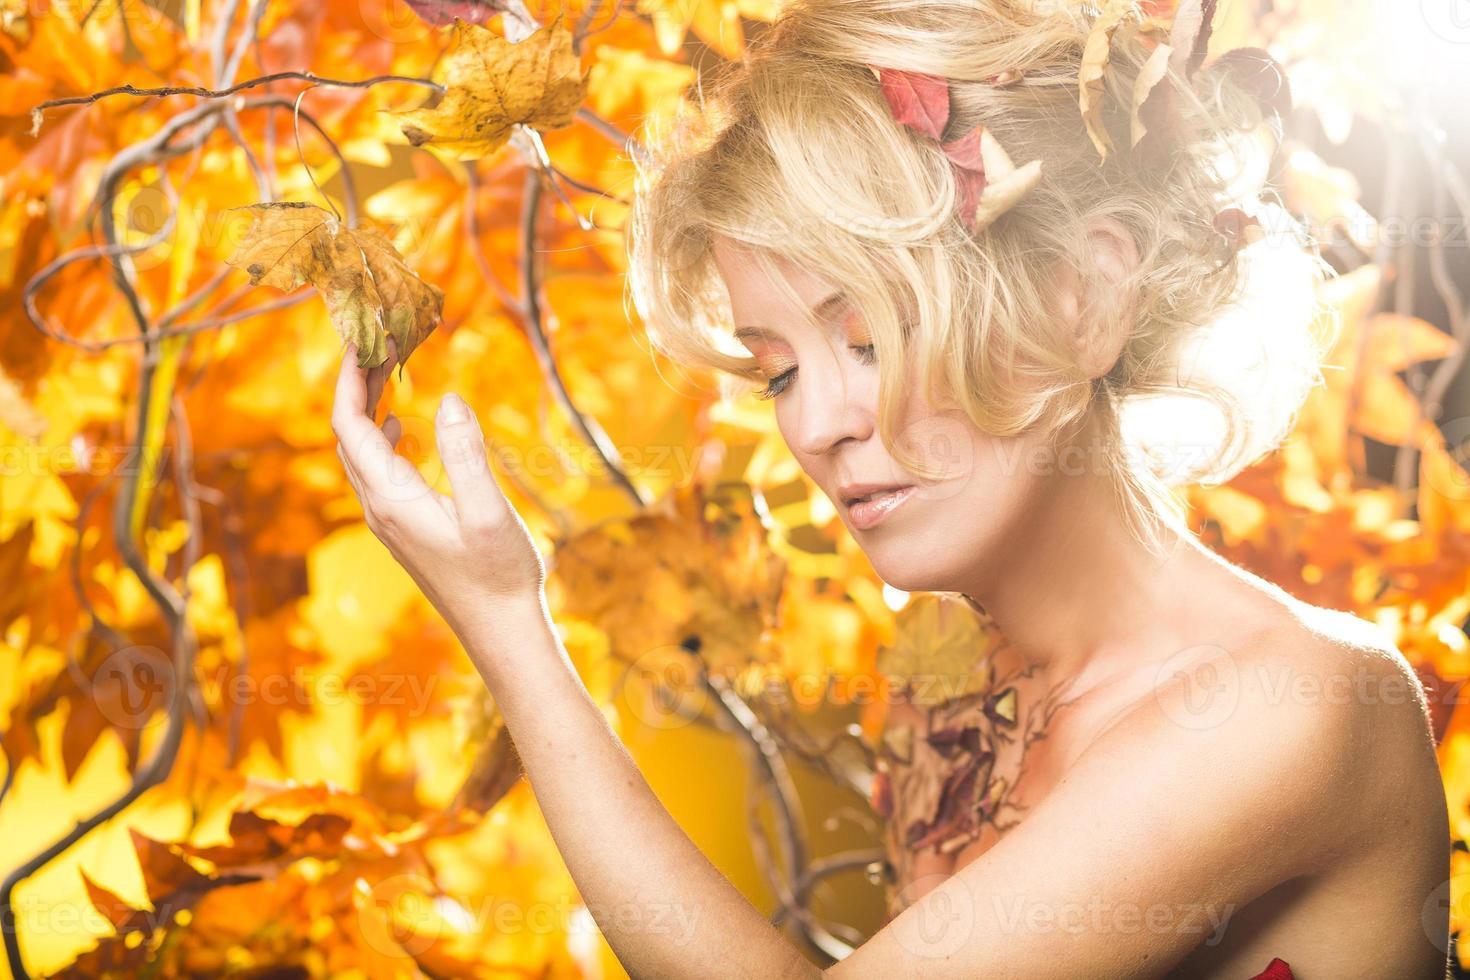 magisches goldenes Herbstblondes Mädchenporträt in Blättern foto